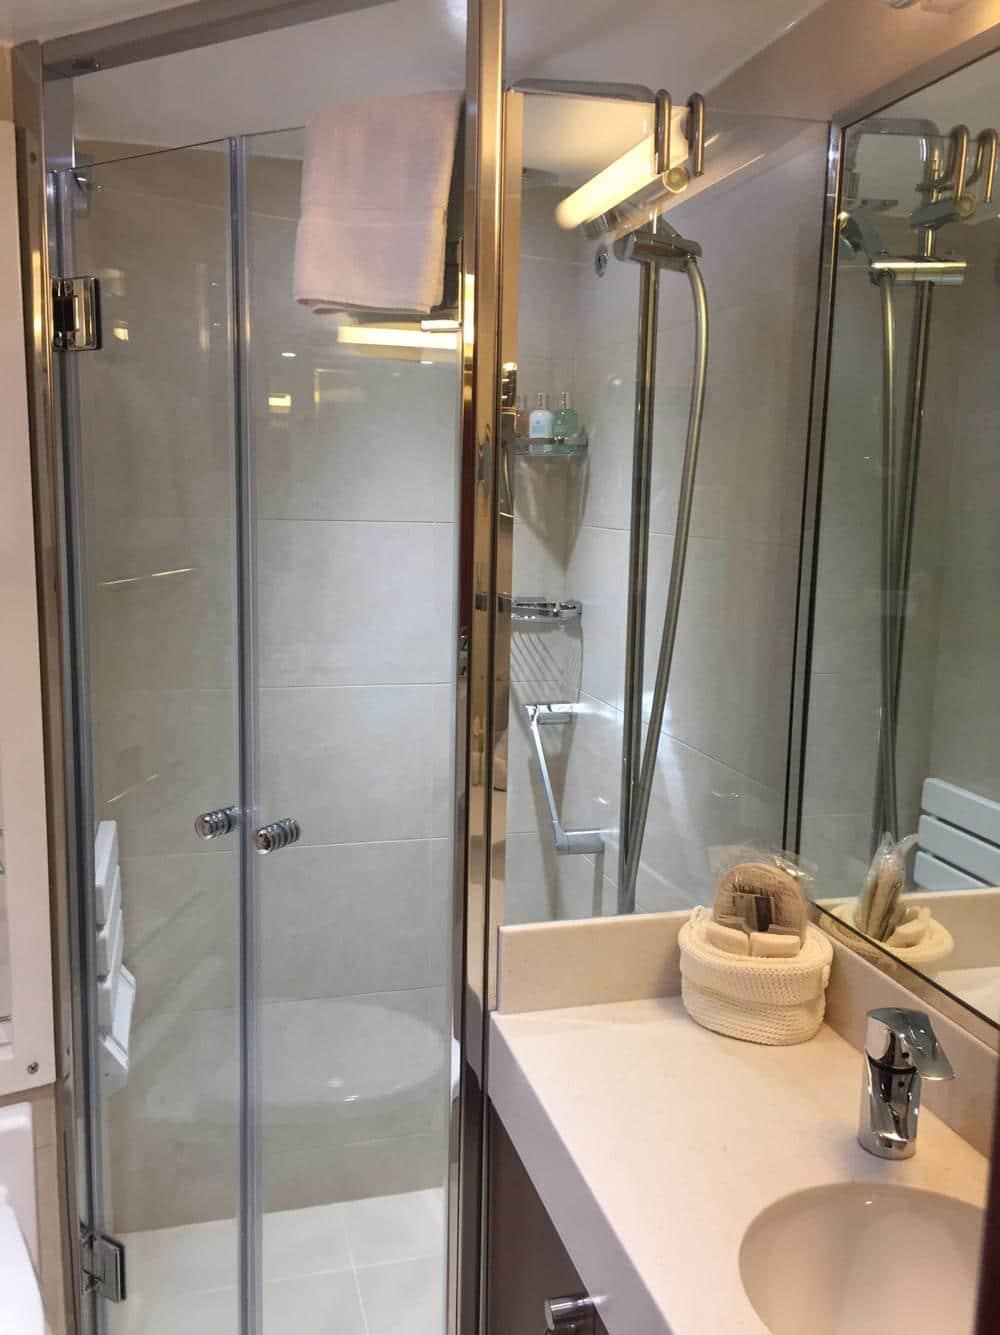 Luxury in the en suite bathroom